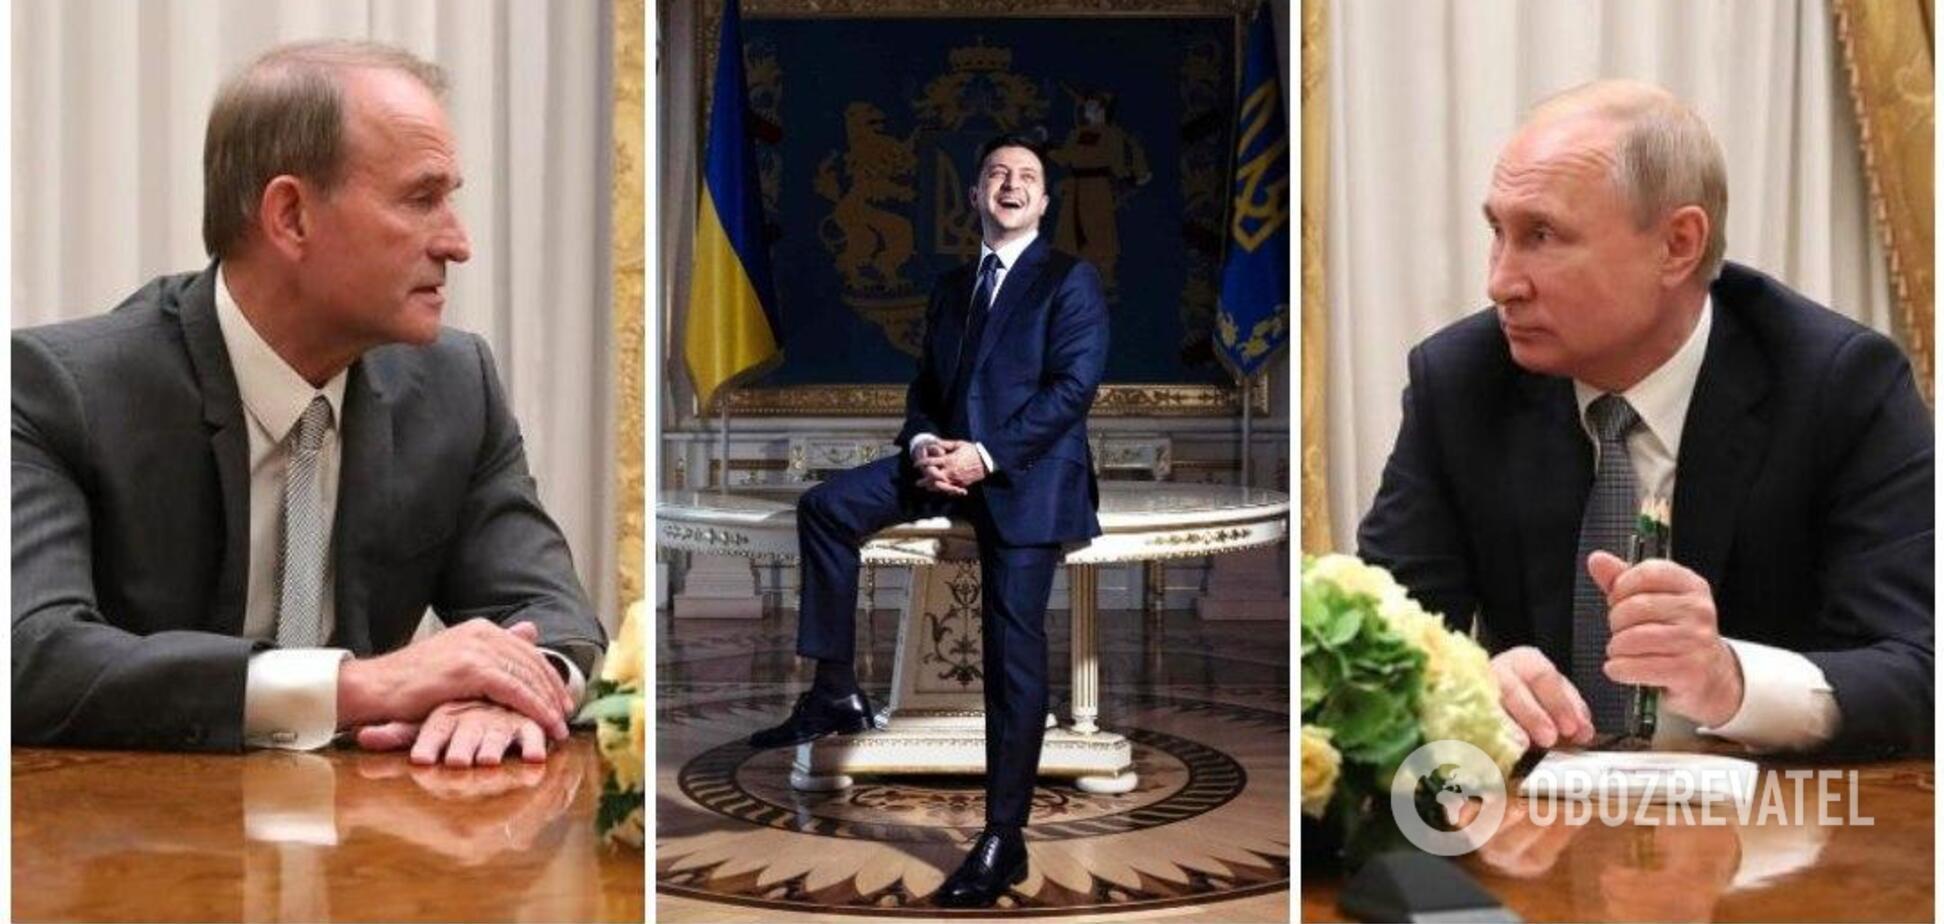 Зеленський може піти у відставку, а позиції Медведчука стануть сильнішими – Портников